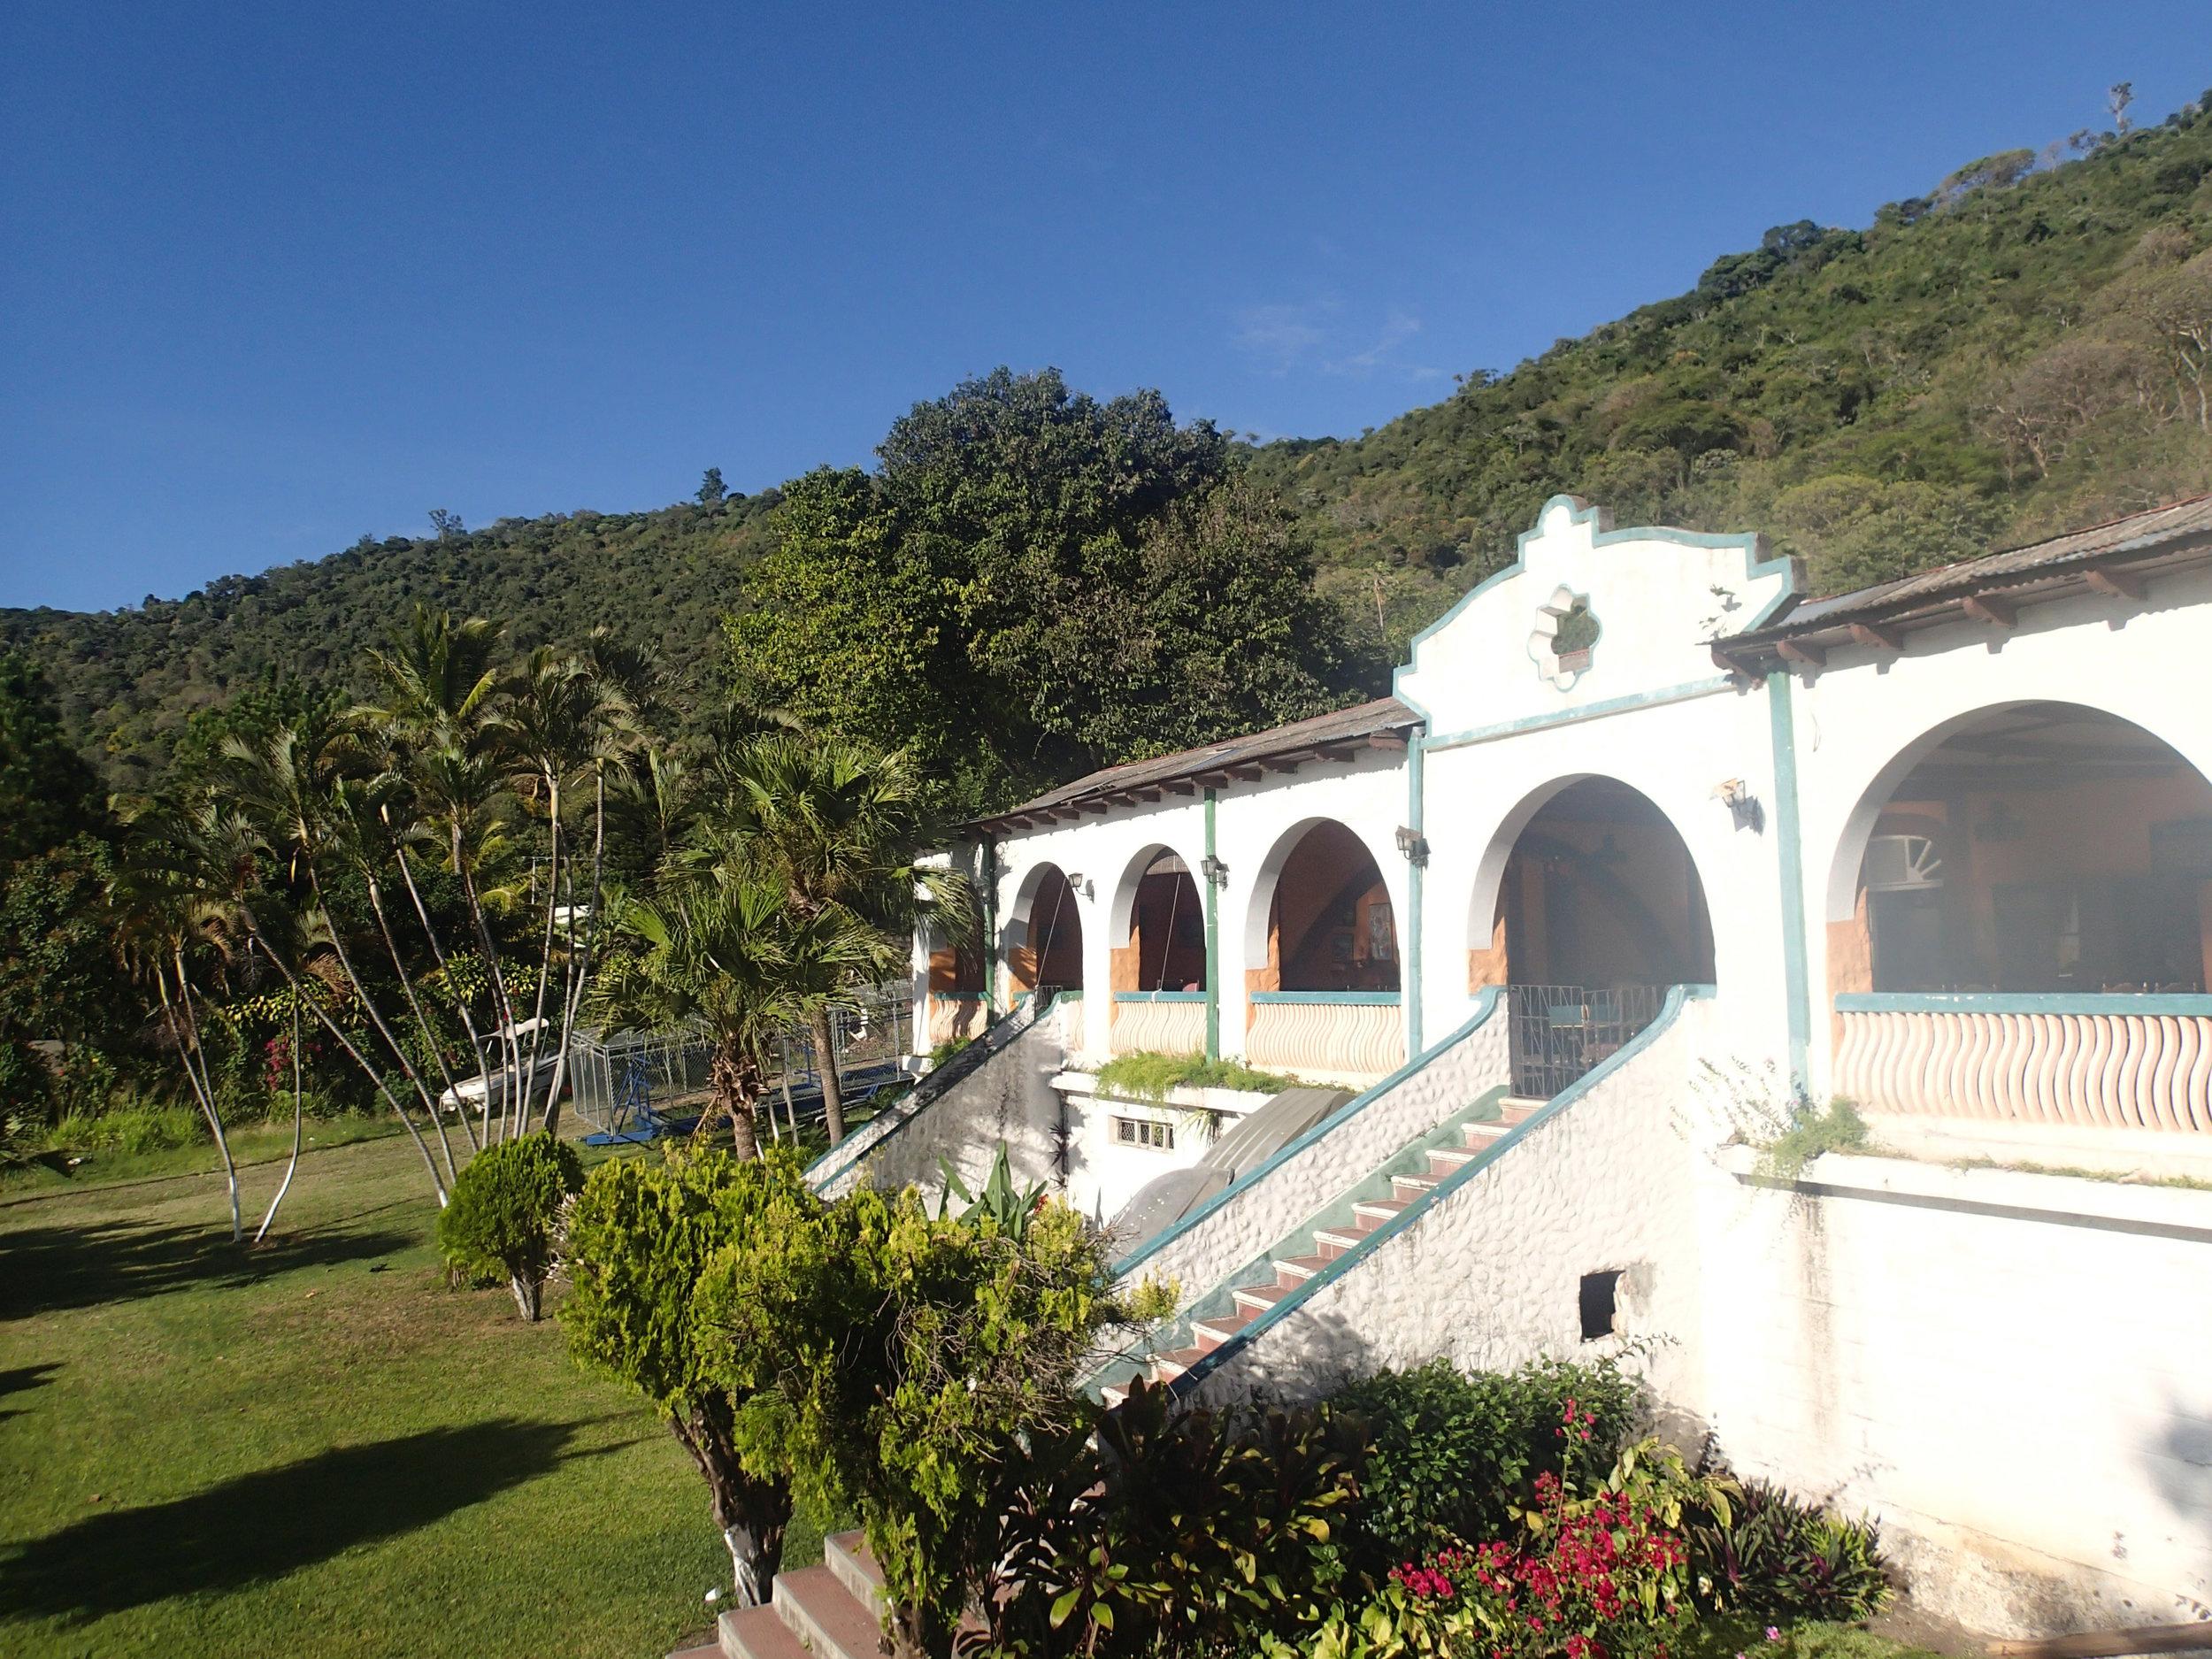 Hotel Torremolinos 12-13-14.jpg